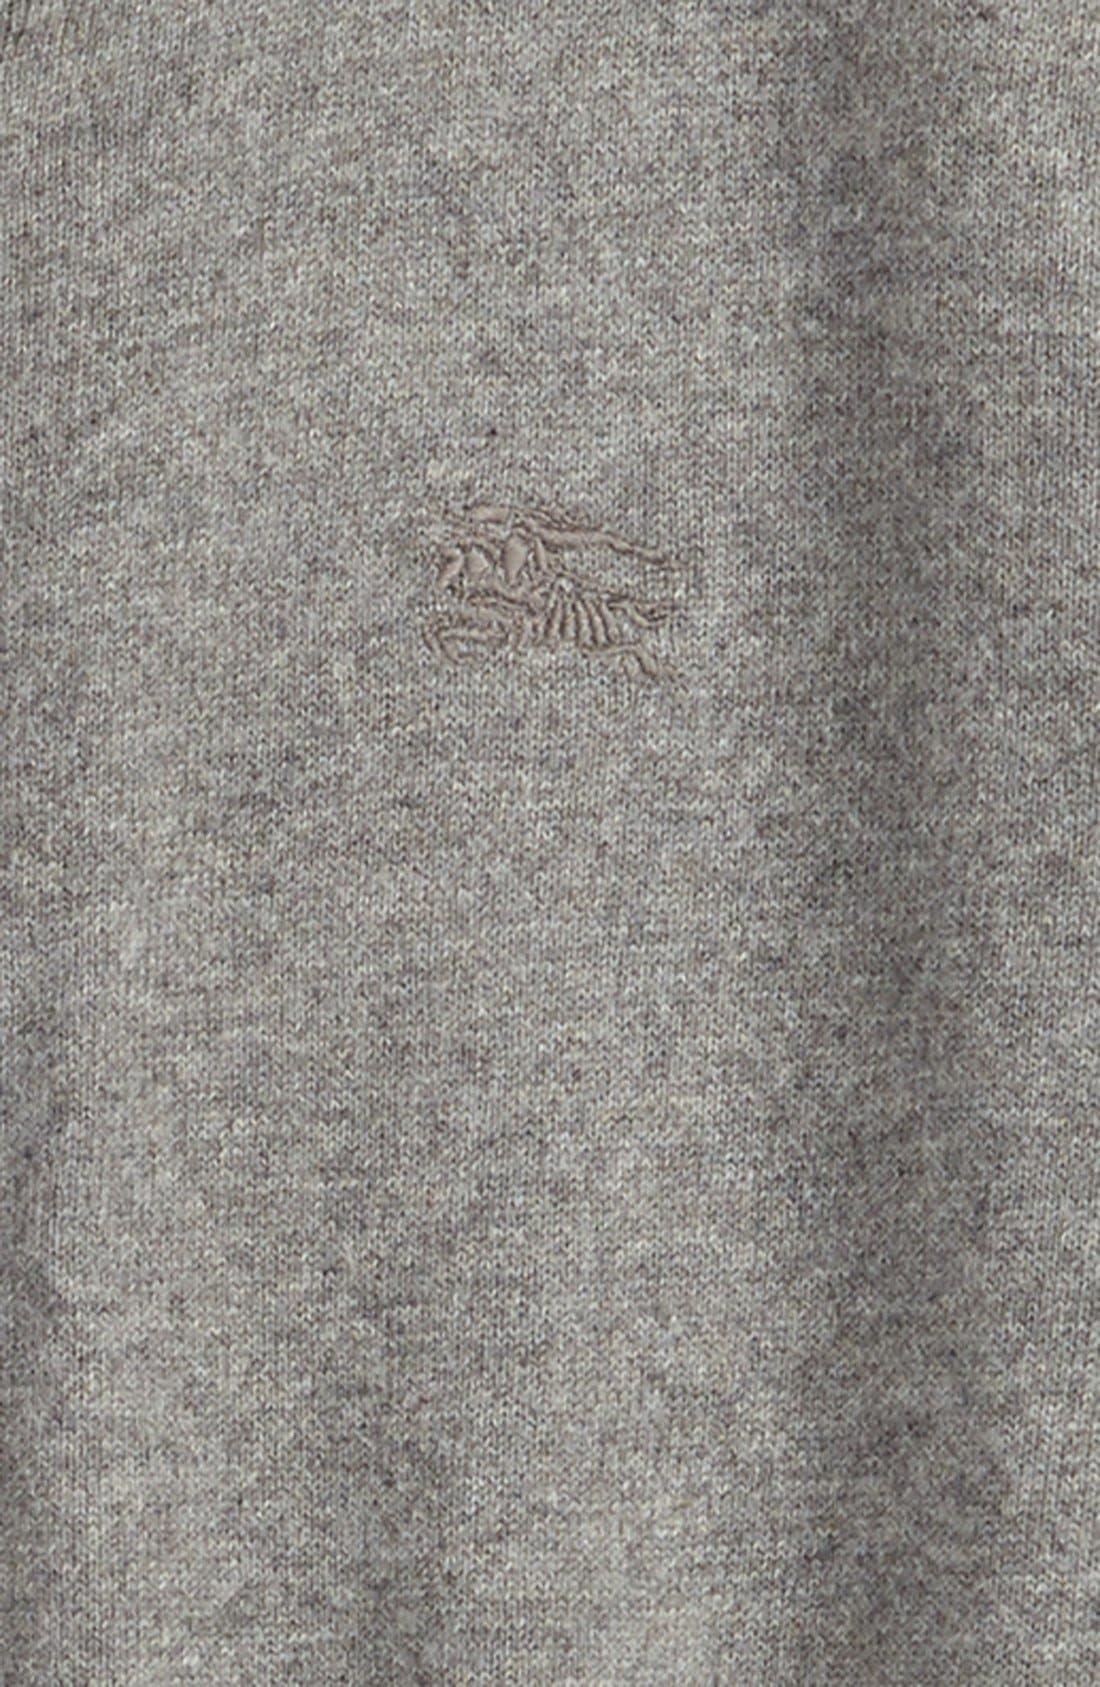 'Jaxon' Zip Front Cotton Cardigan,                             Alternate thumbnail 2, color,